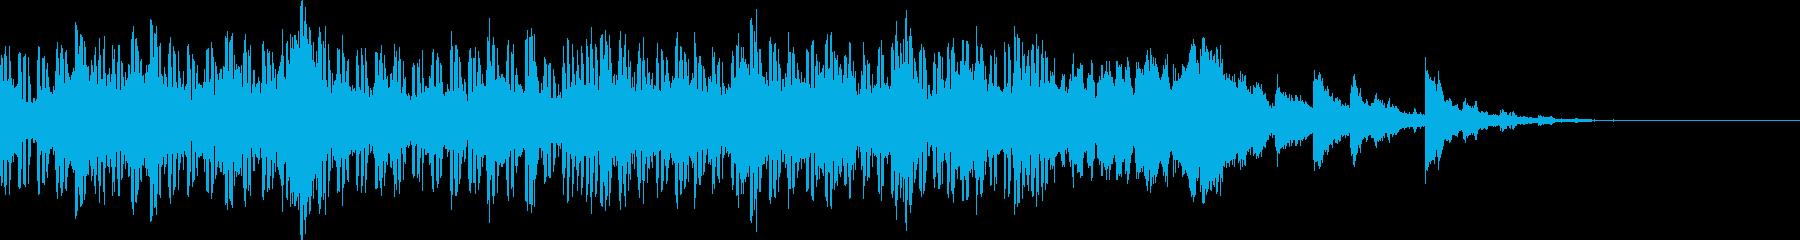 チップチューンのやさしいジングルの再生済みの波形